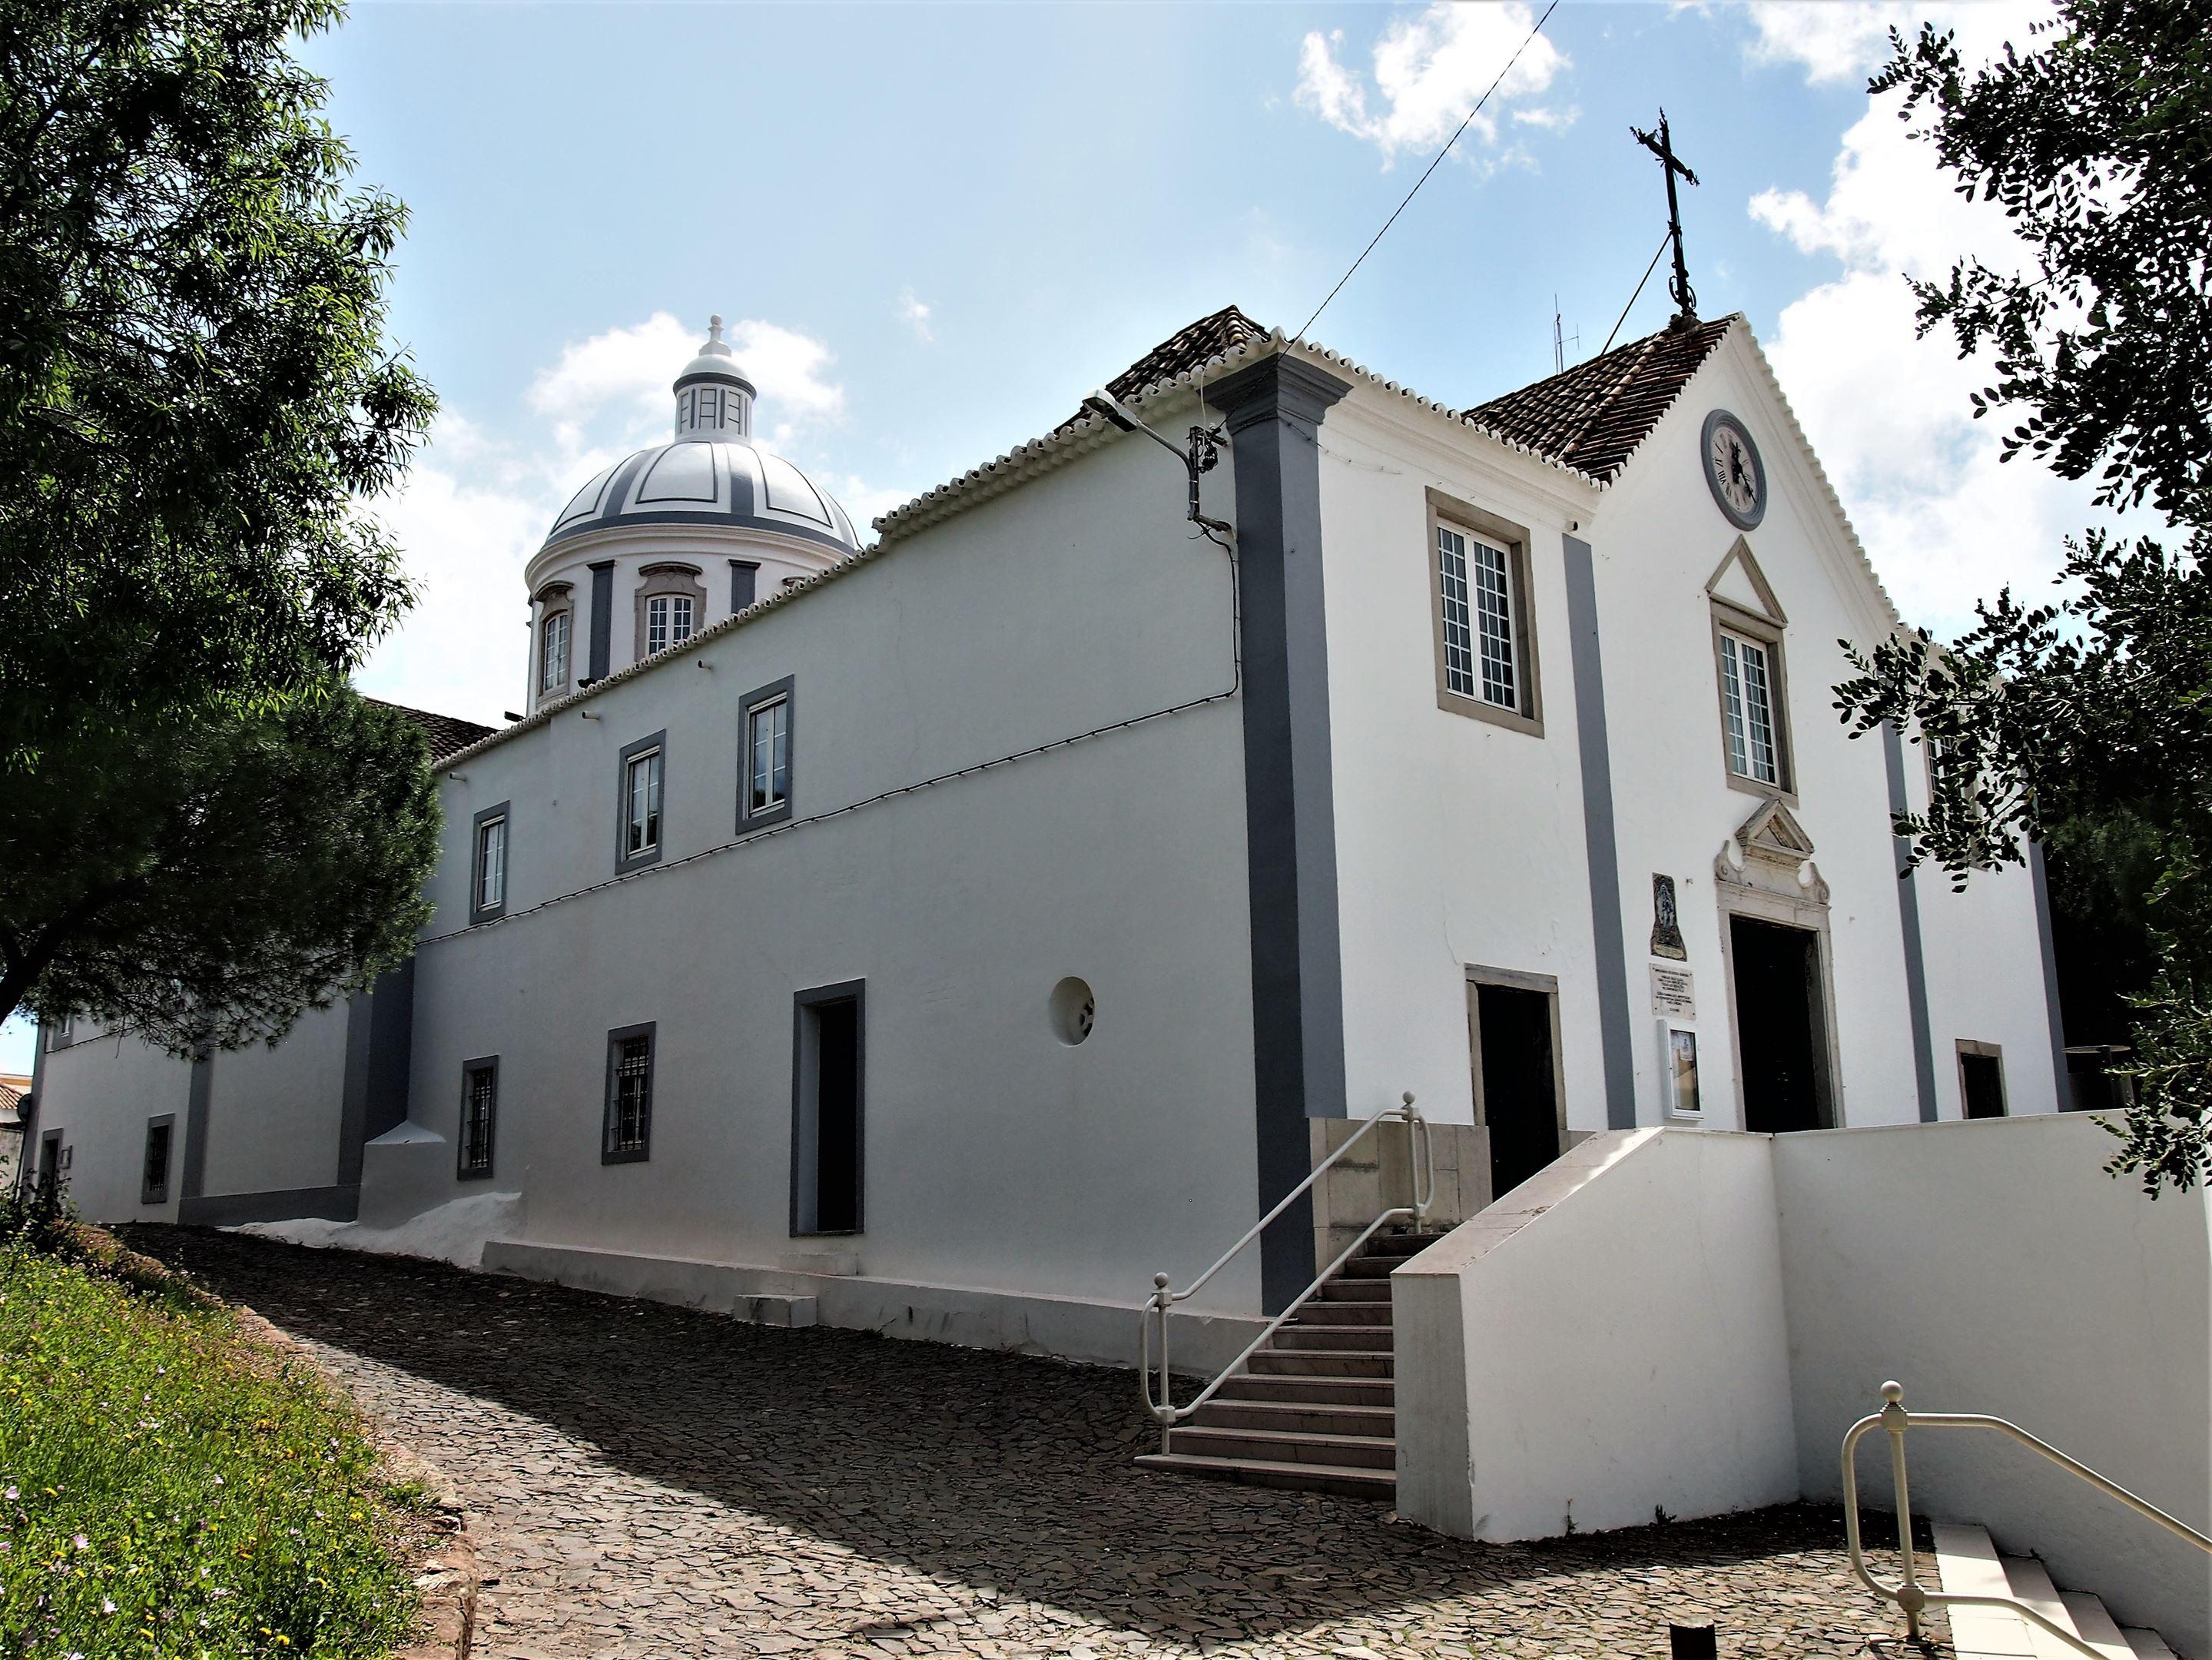 Entrada da Igreja de Nossa Senhora dos Mártires, Castro Marim